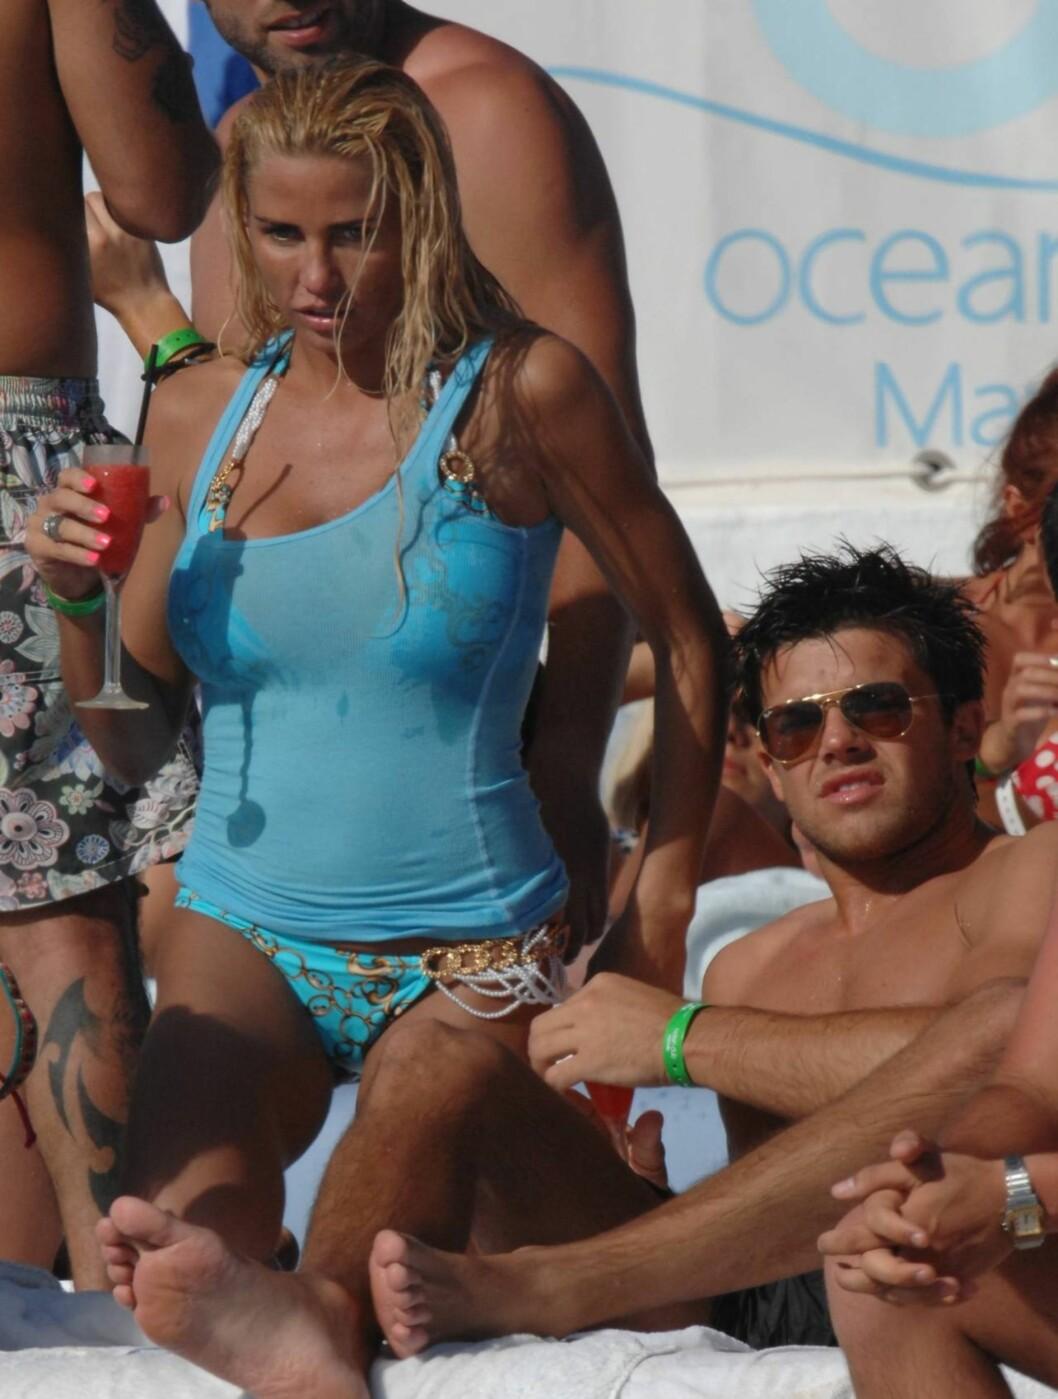 <strong>VIVA ESPANA:</strong> Katie Price og hennes nye kjæreste Leandro Penna har valgt å slappe av på stranden Ocean Beach på den spanske øya Tenerife. Foto: All Over Press